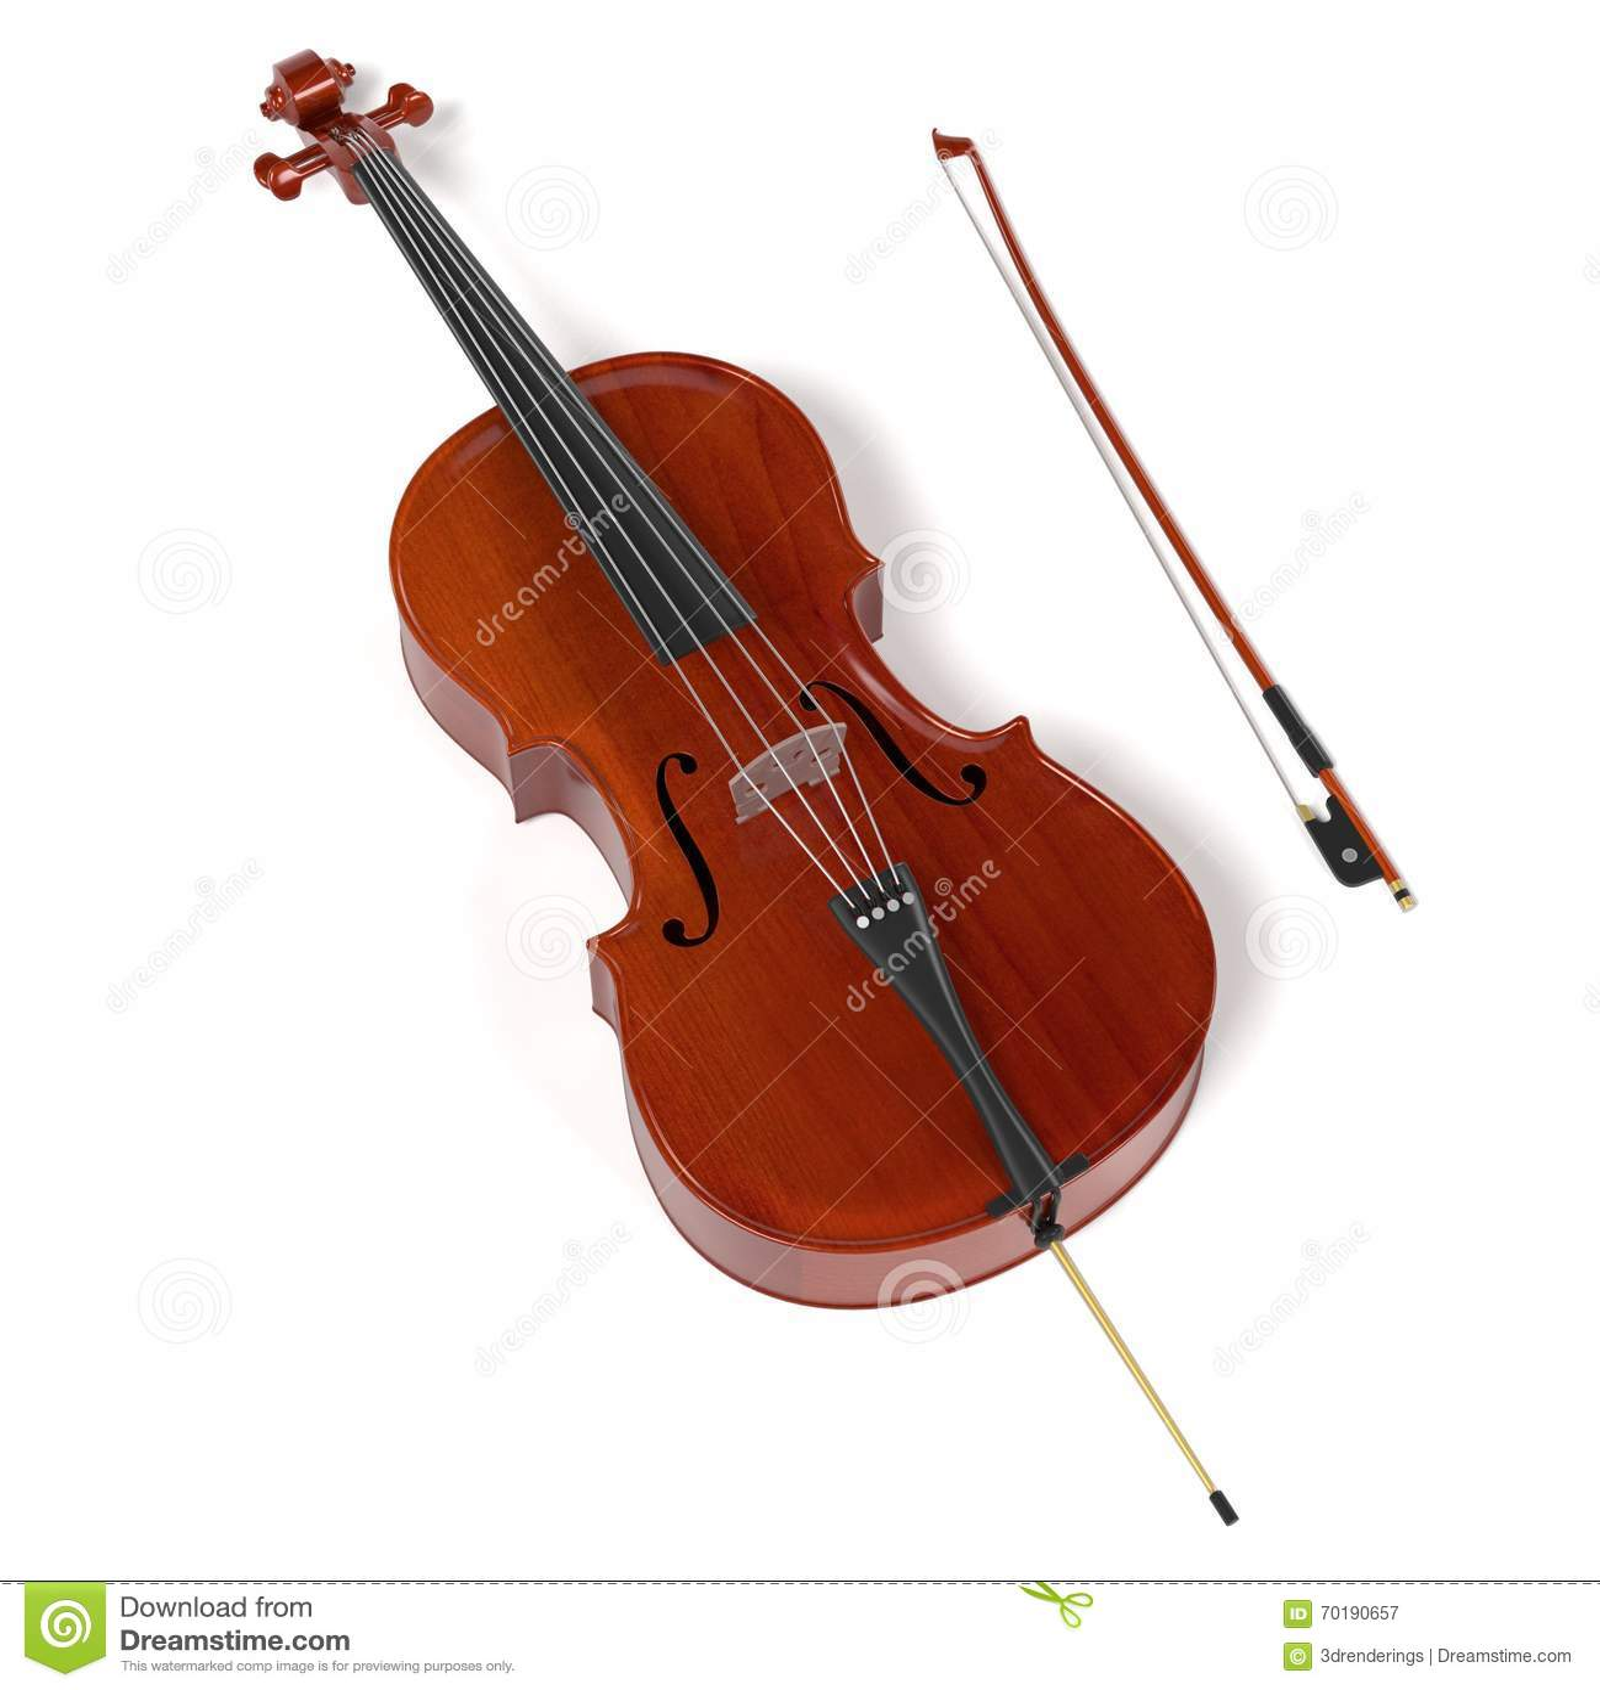 Cello cartoon cello player stock photography image 32561422 - Cello Musical Instrument Royalty Free Stock Photography